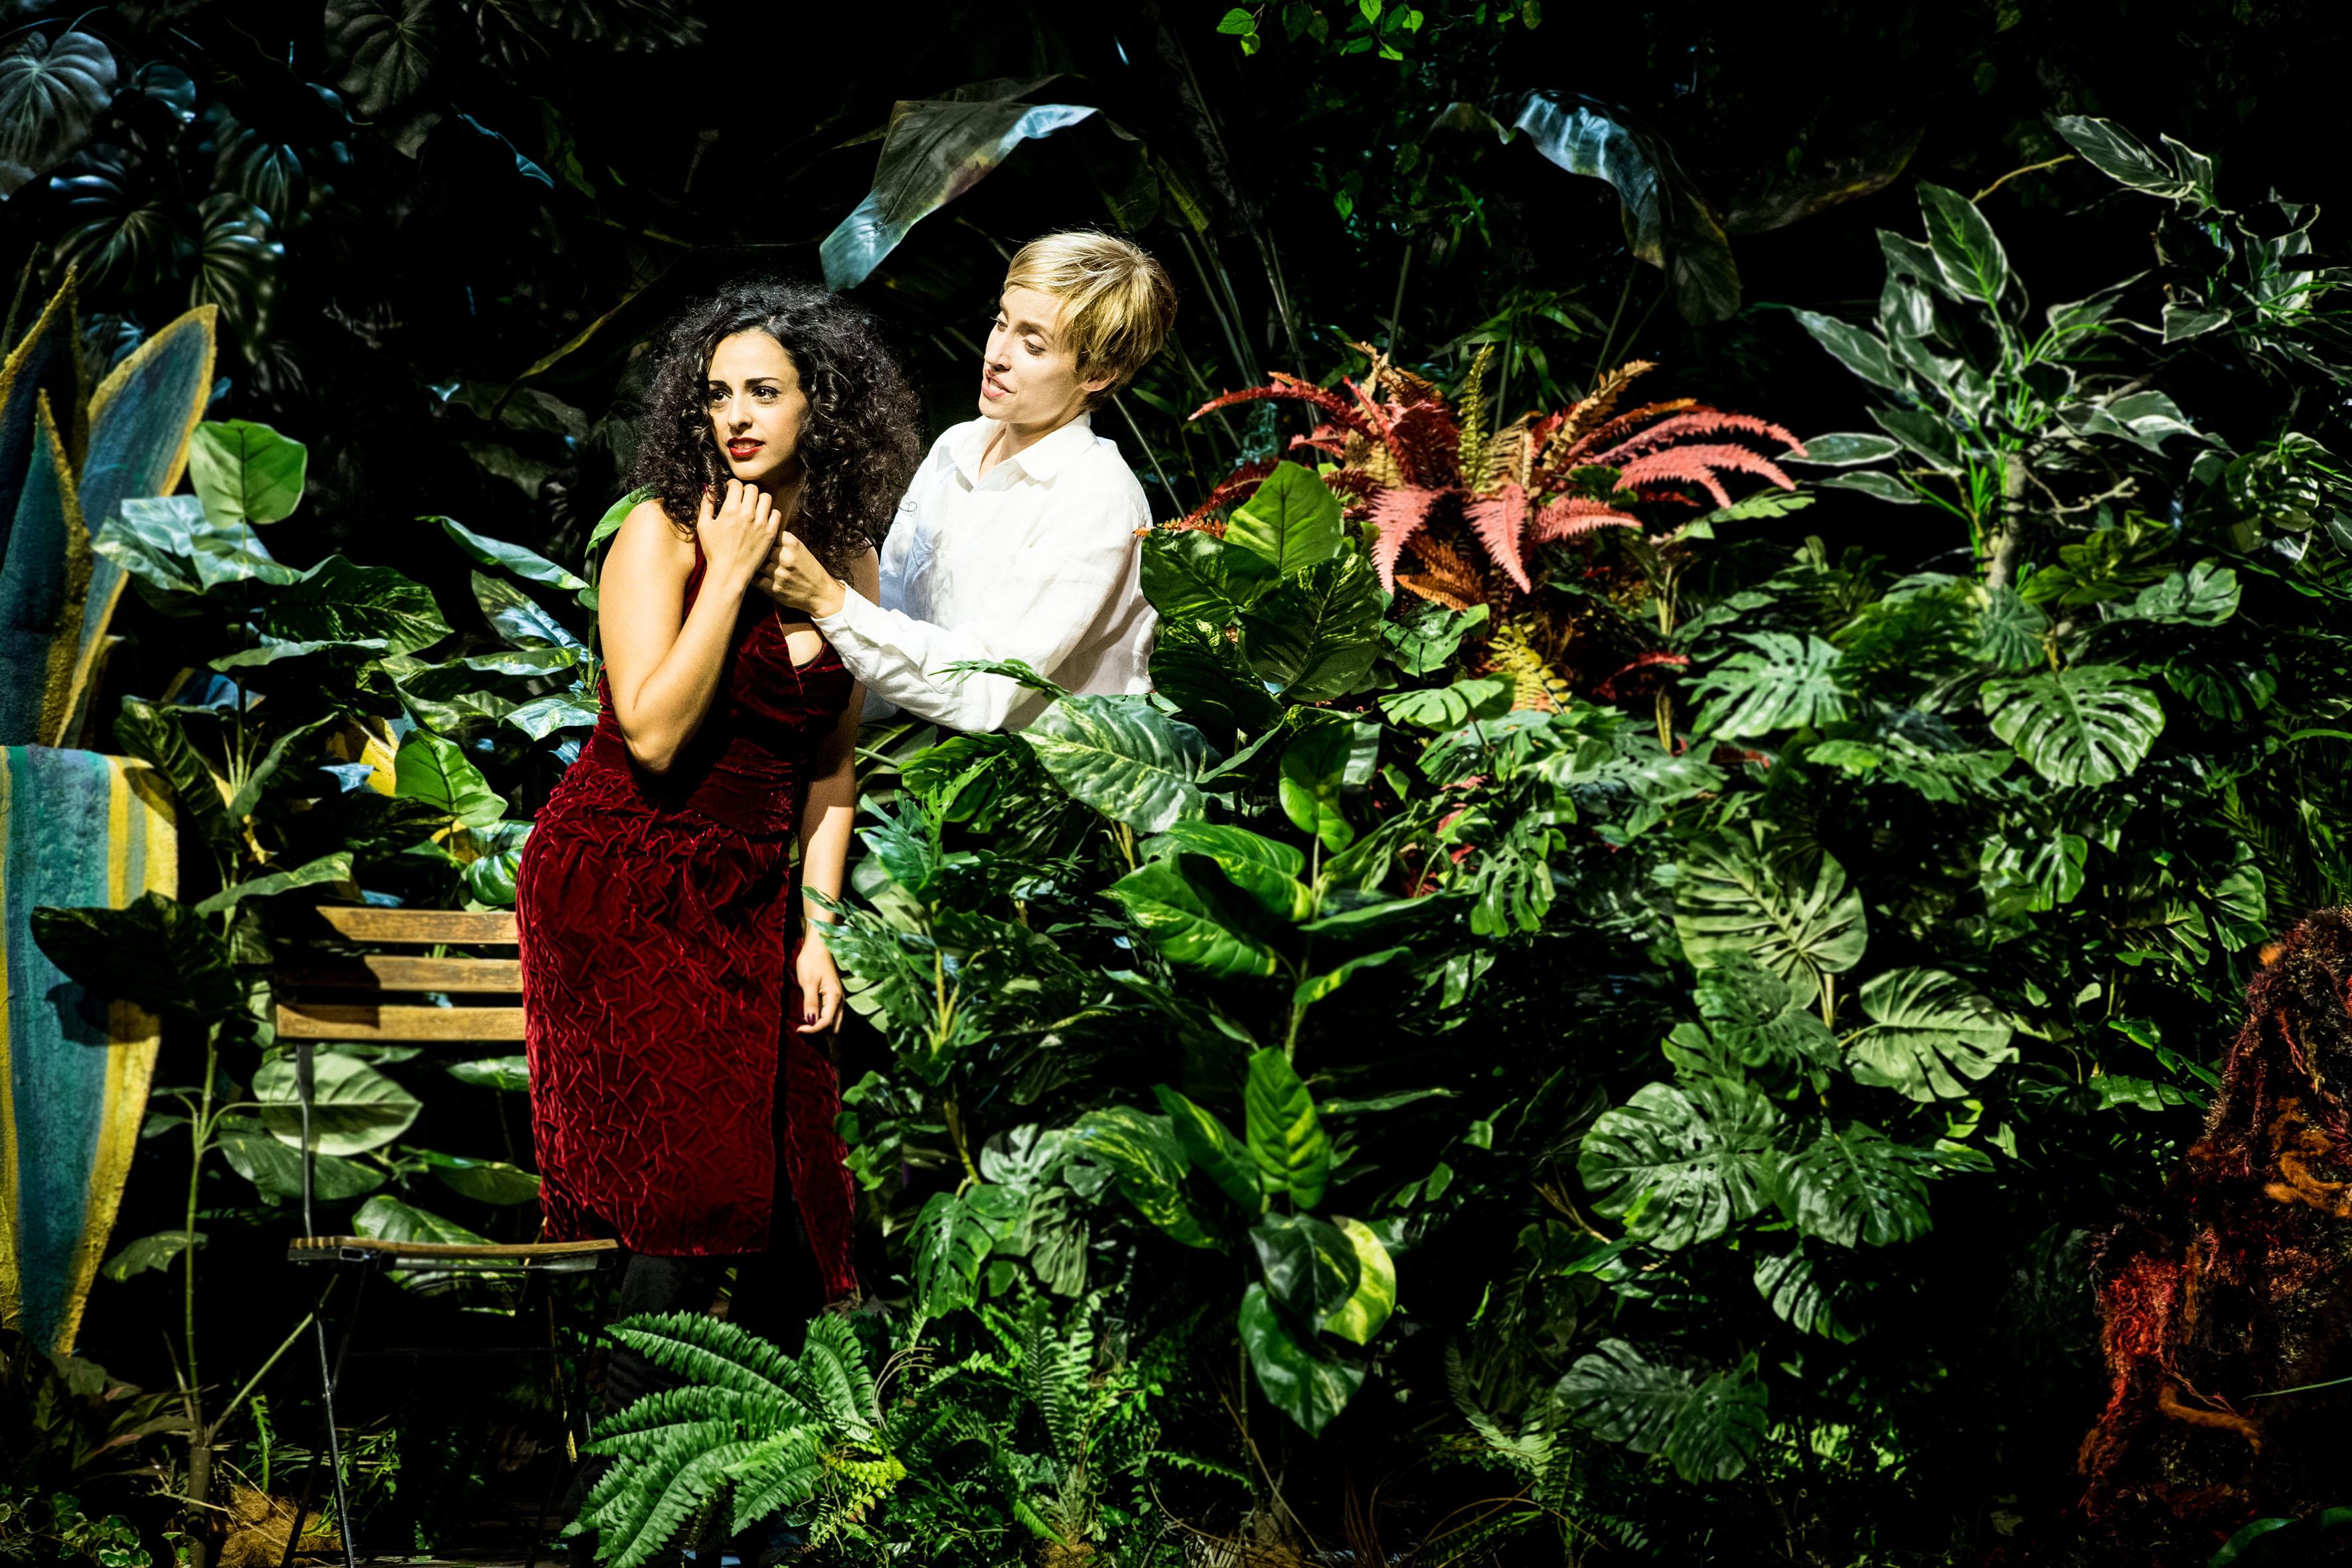 Achtung Symbol: Die Liebenden (Hila Fahima und Kristina Stanek) im künstlichen Paradiesgarten.